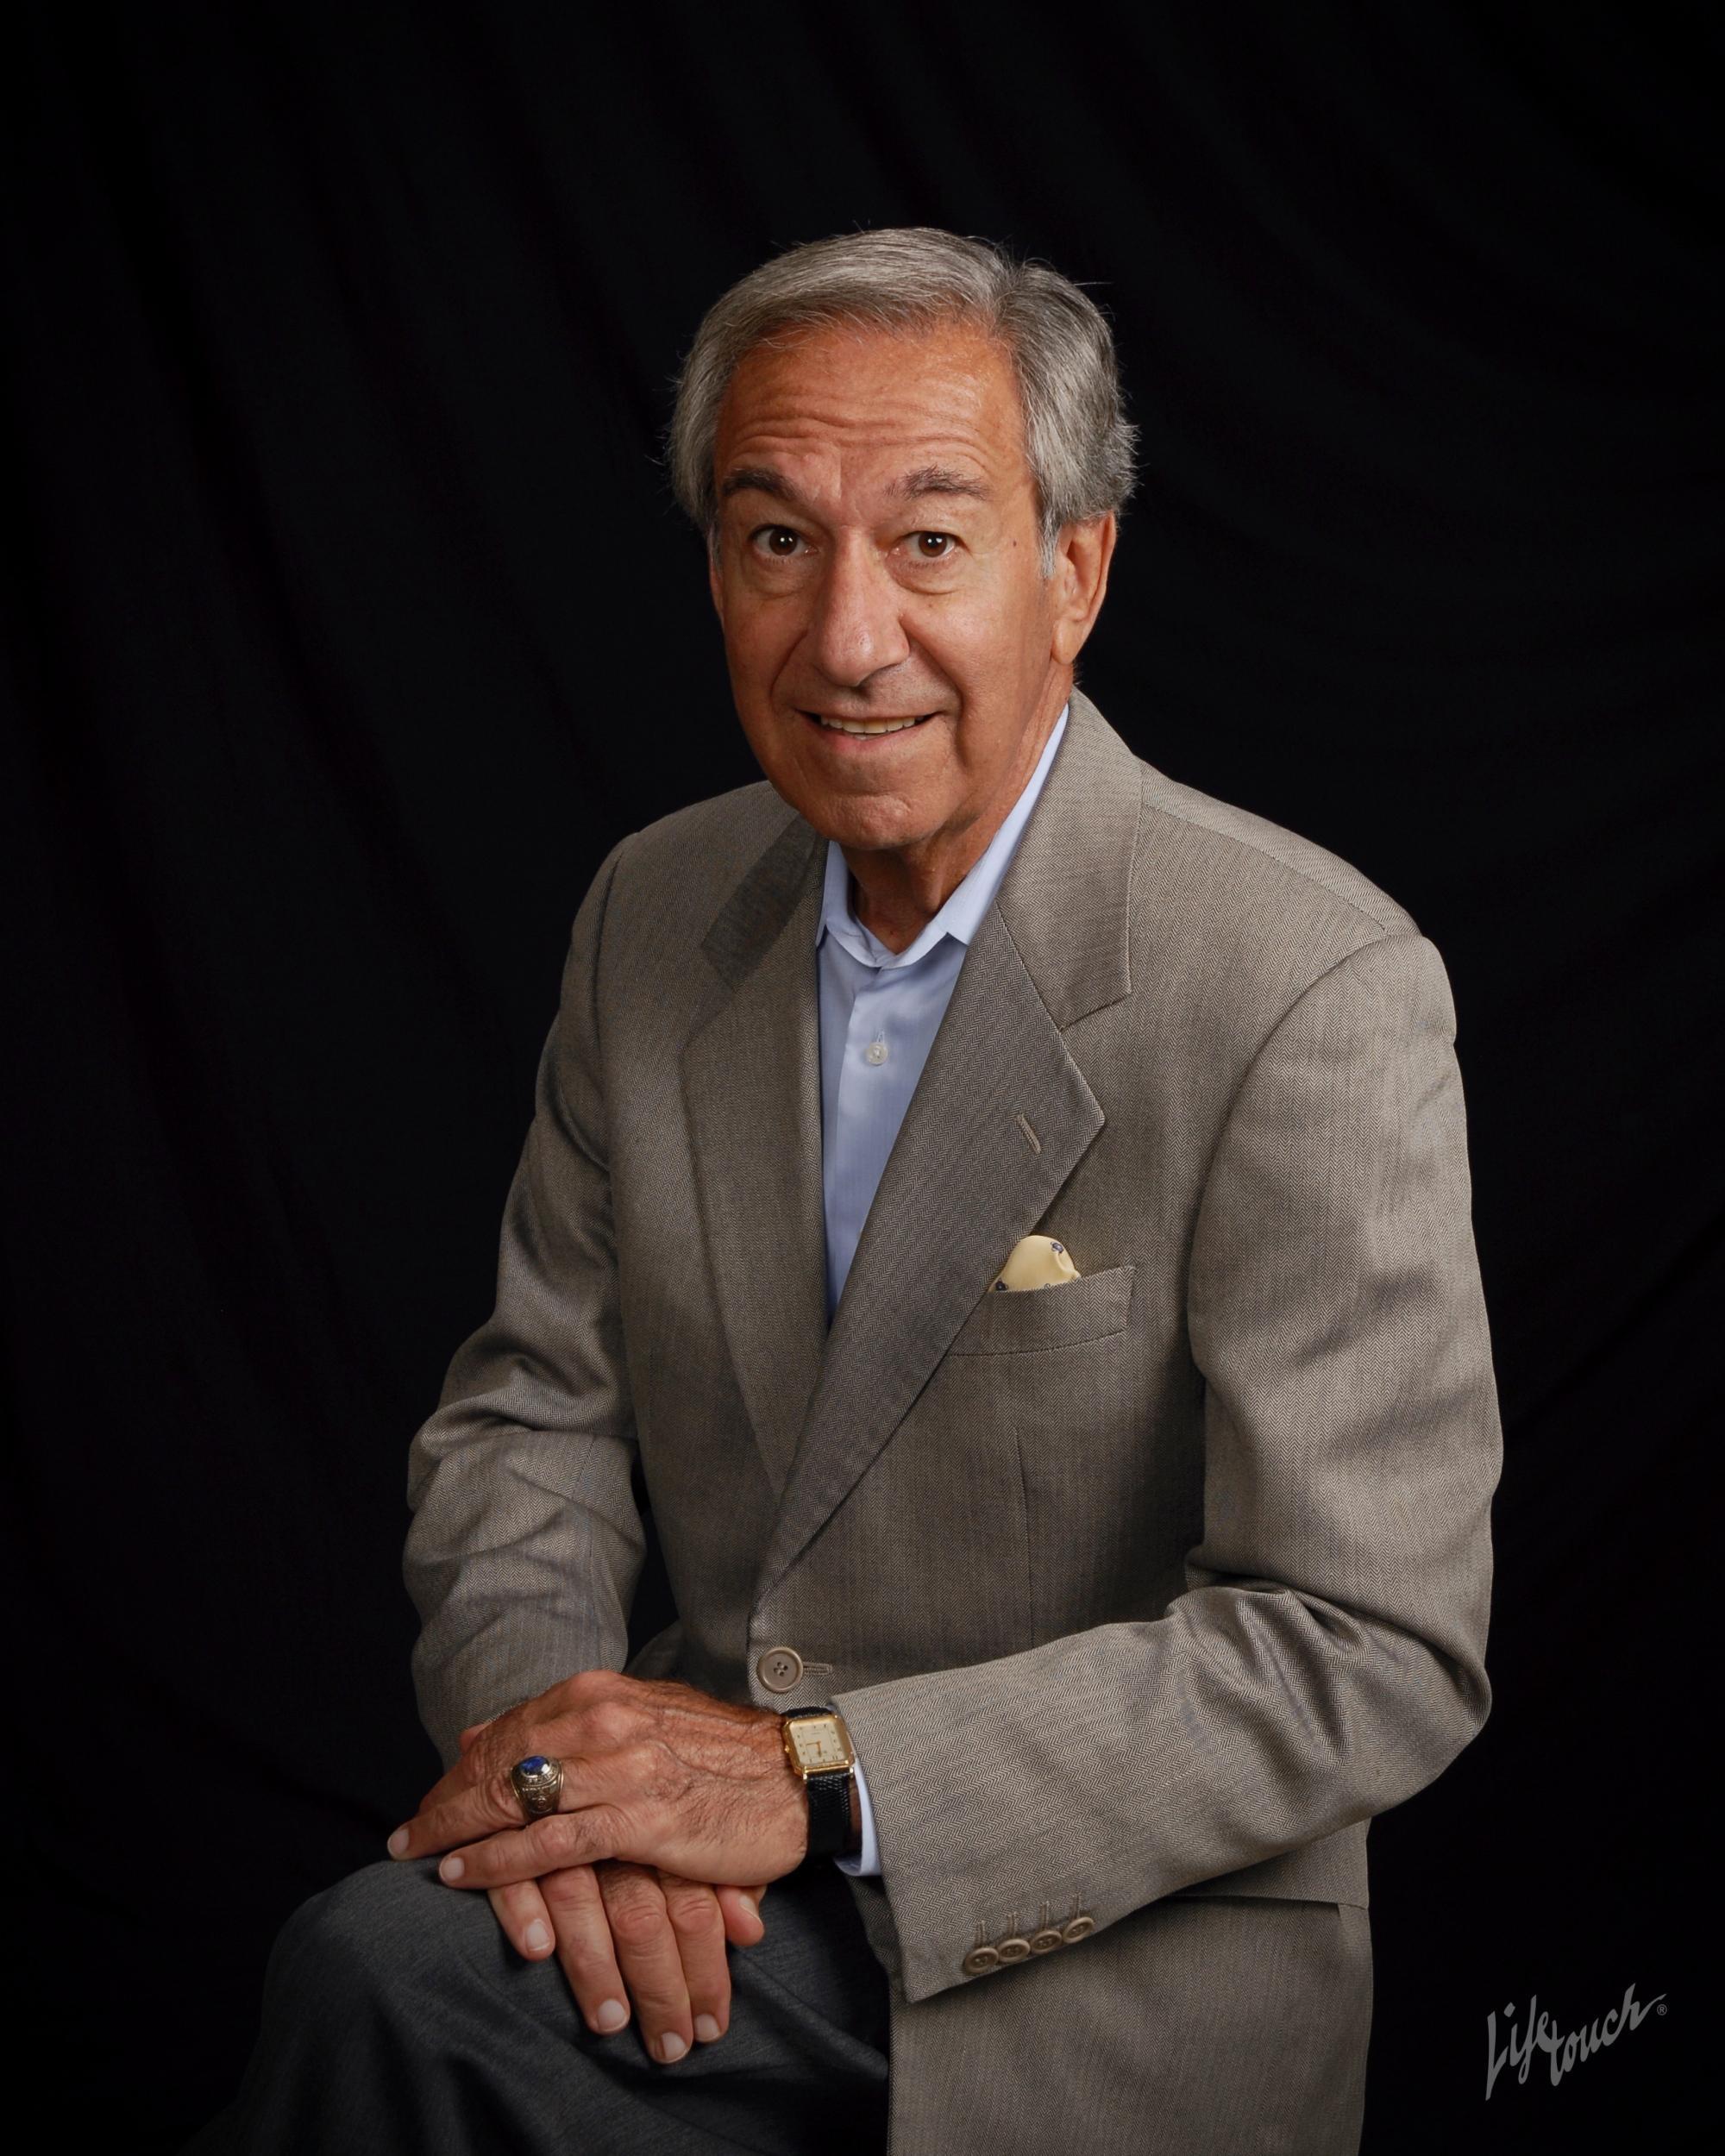 Carmine Oliva